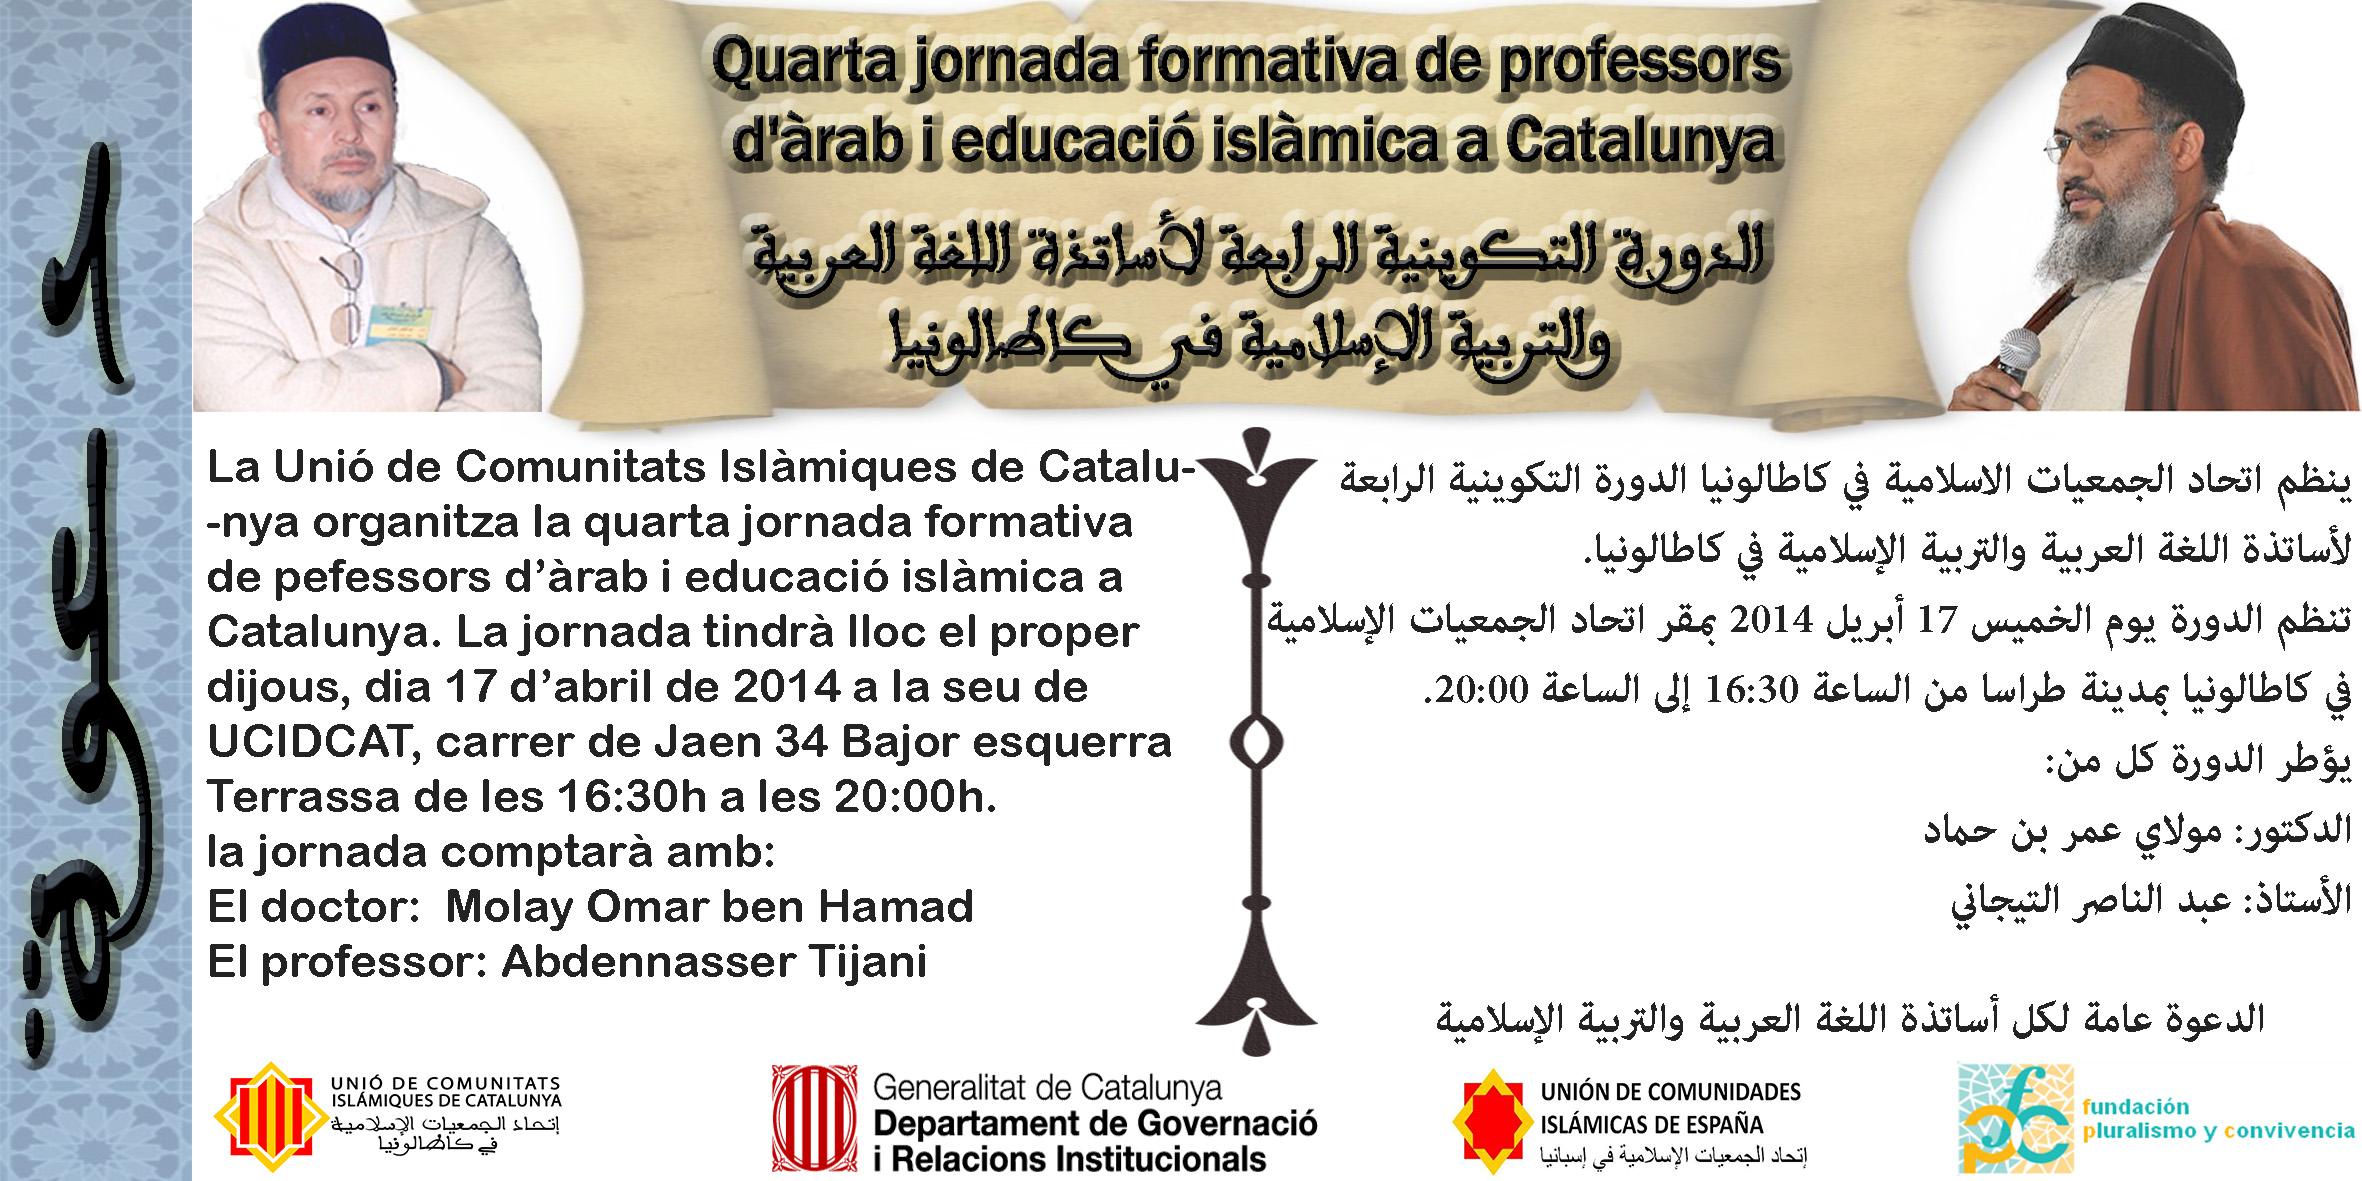 الدورة التكوينية الرابعة لأساتذة اللغة العربية والتربية الإسلامية في كاطالونيا